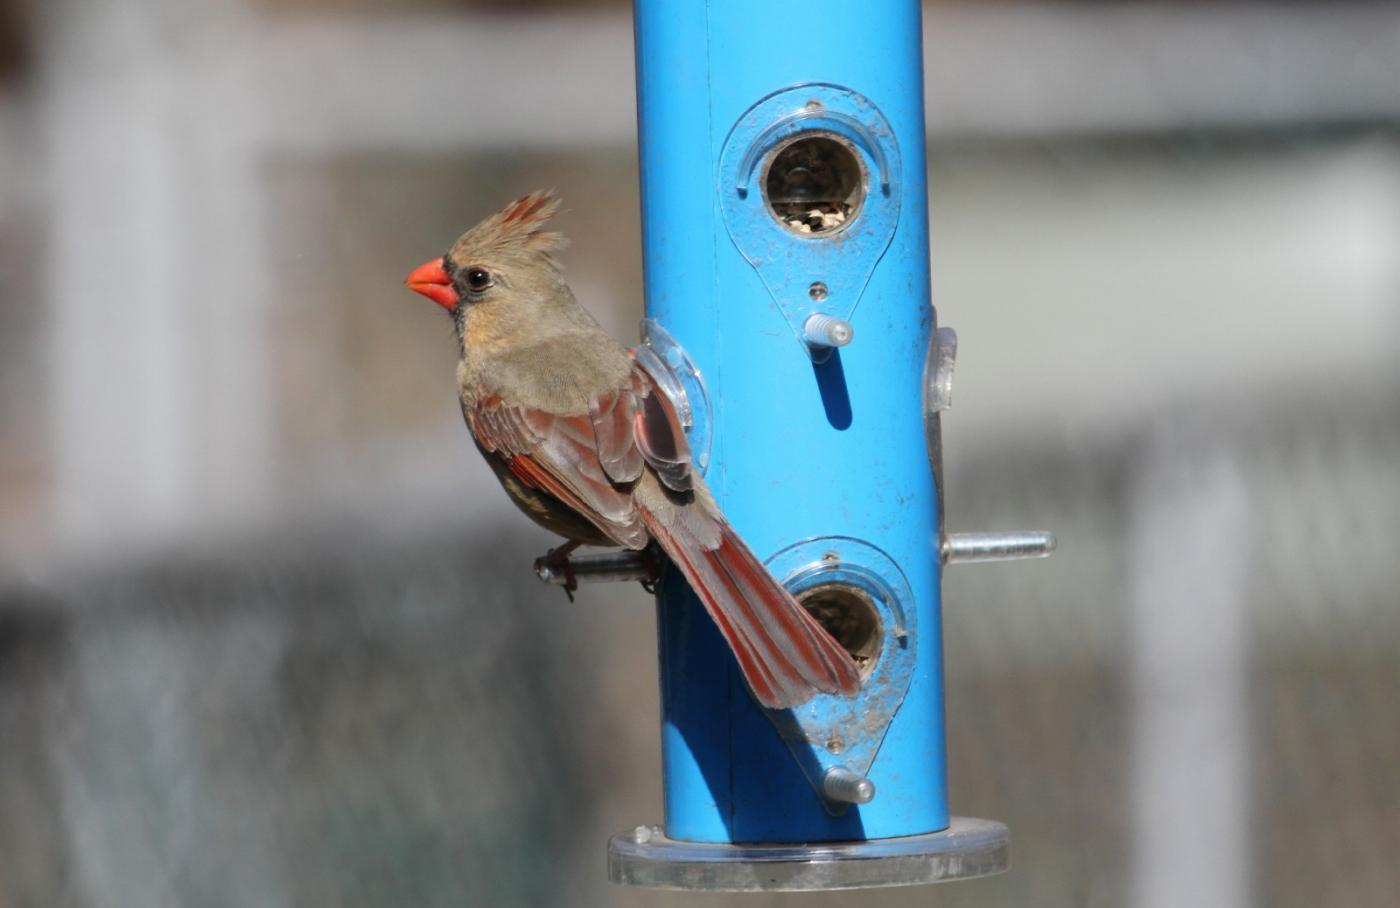 【田螺摄影】天暖了、把喂鸟器装满鸟就来了_图1-9